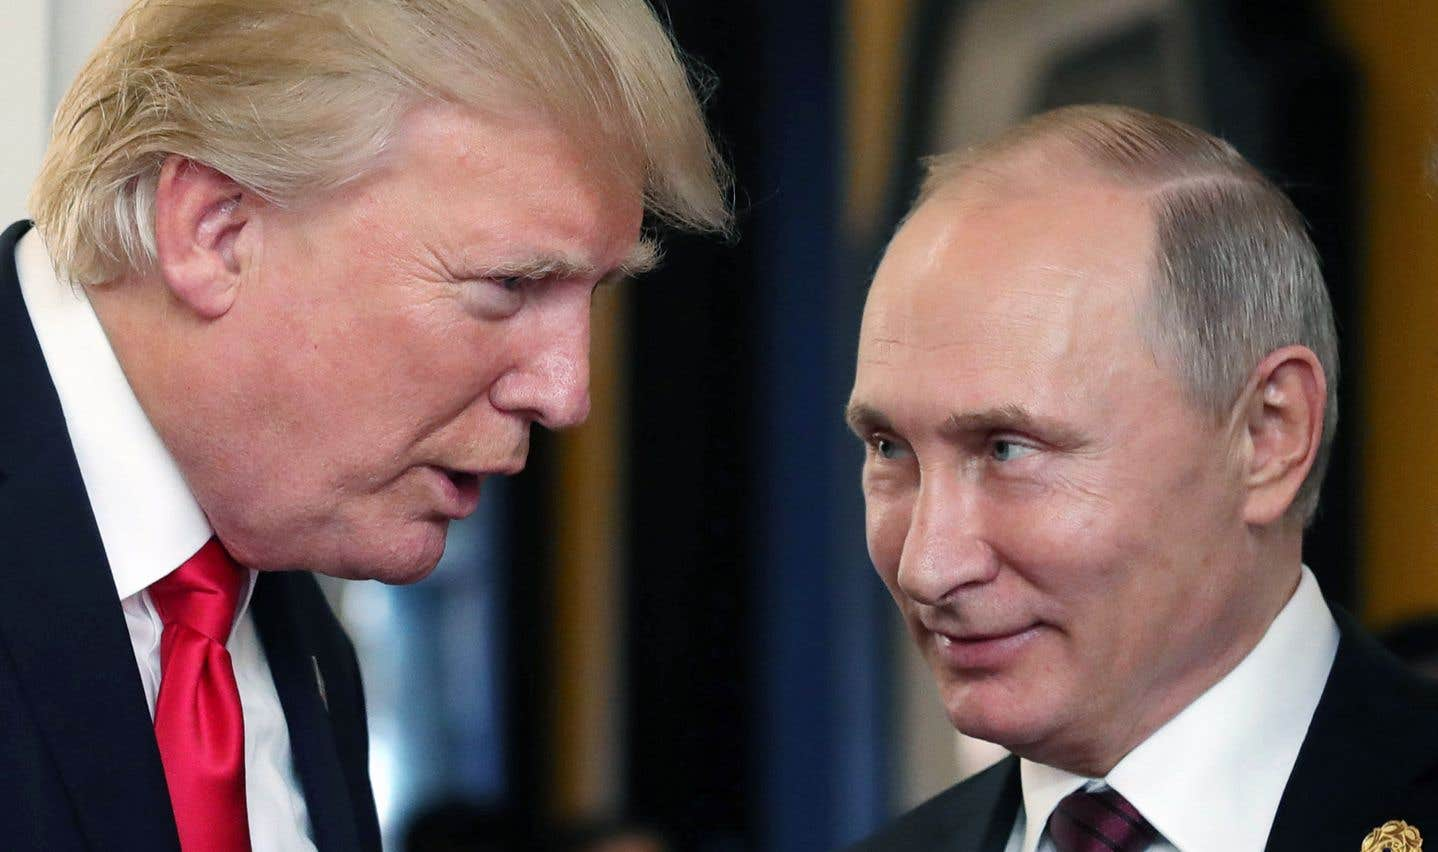 Attentat déjoué en Russie: Poutine remercie Trump pour l'aide américaine